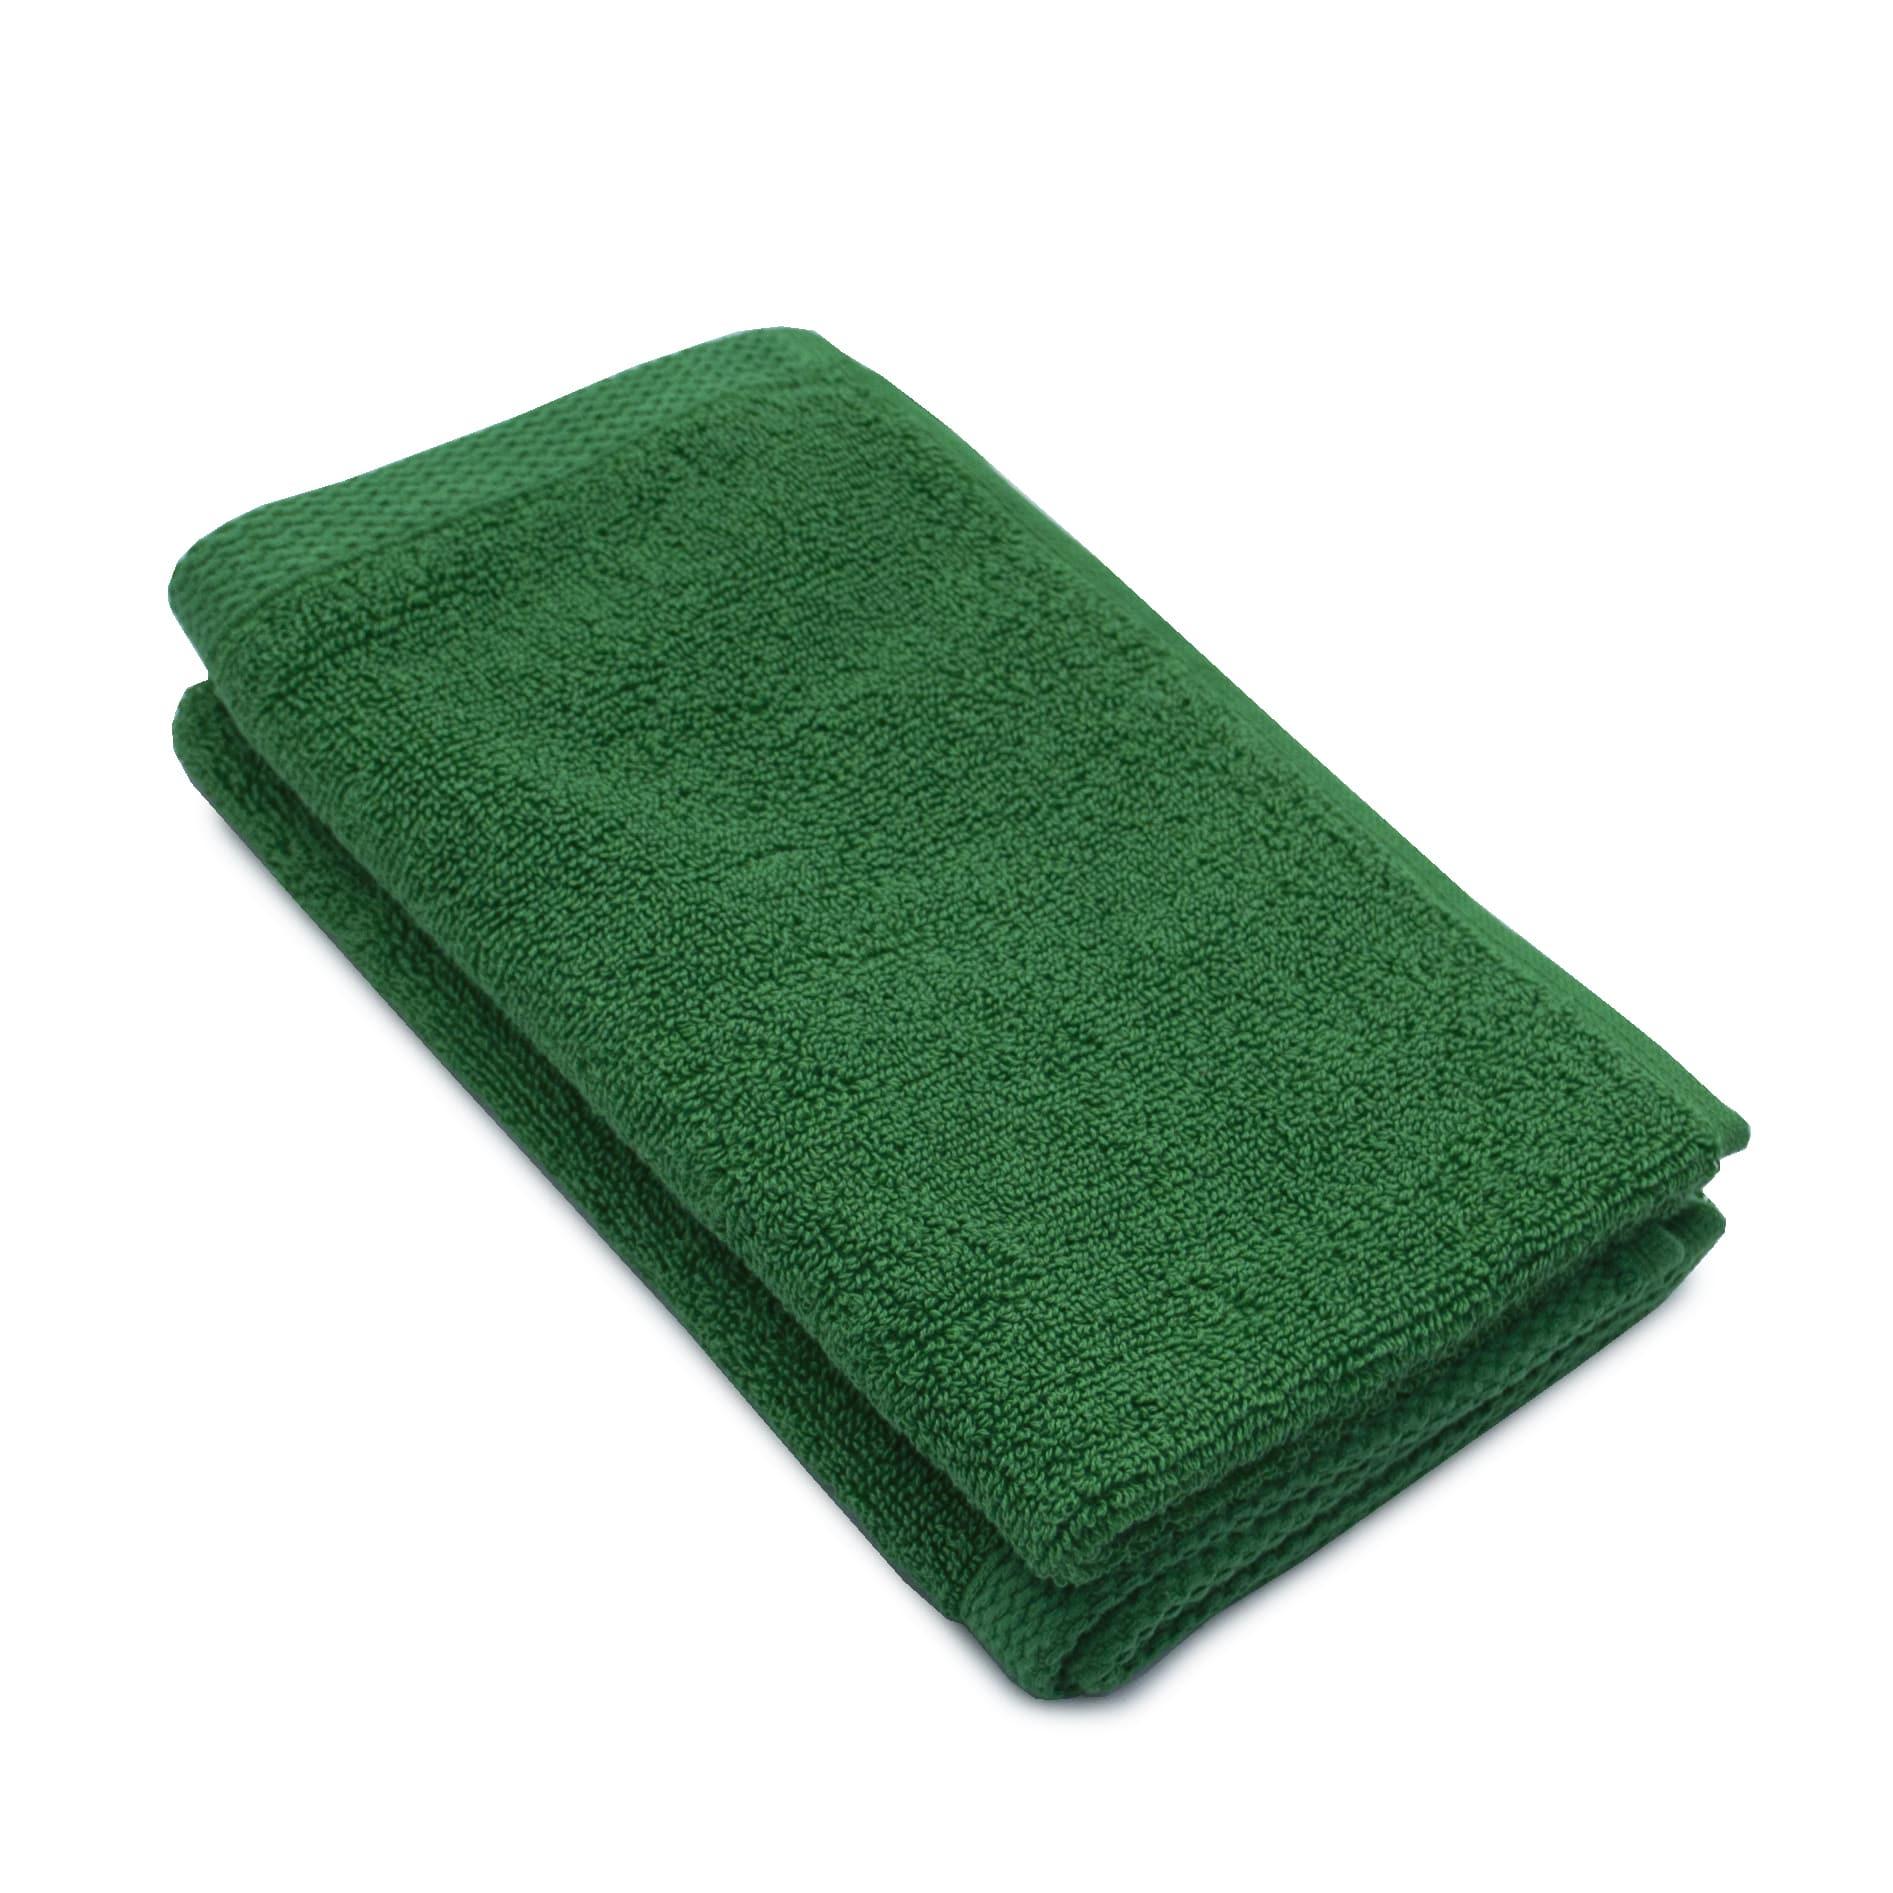 Set 2 prosoape maini bumbac 100%, 600gsm, Somnart, 30x50cm, verde poza somnart.ro